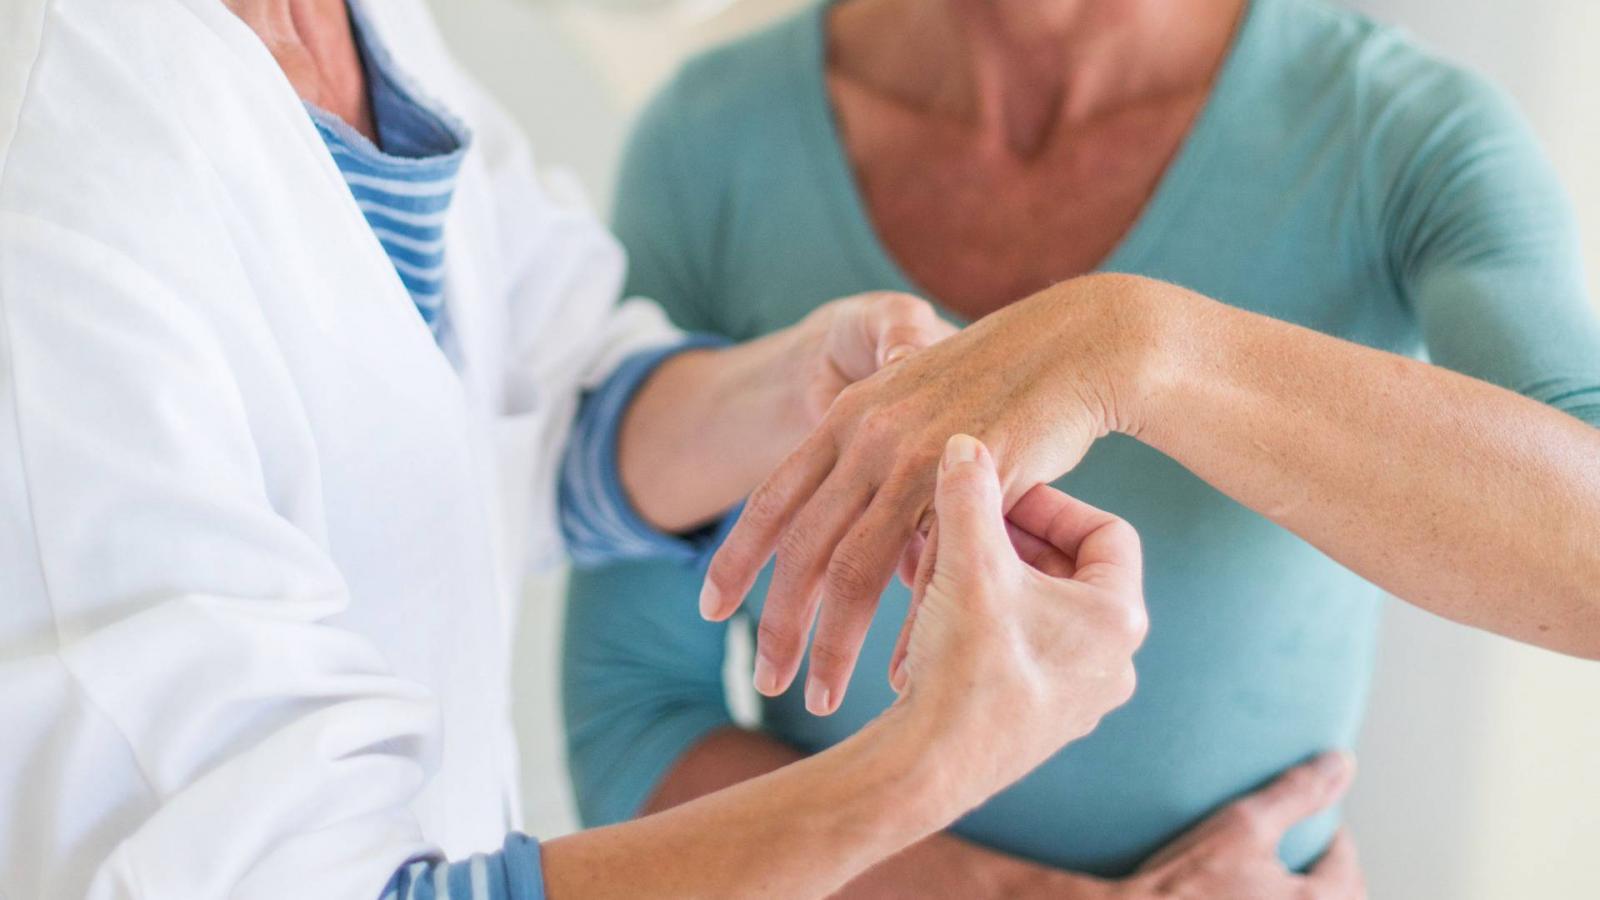 az ízületi gyulladás és a lábízület ízületi tünetei)